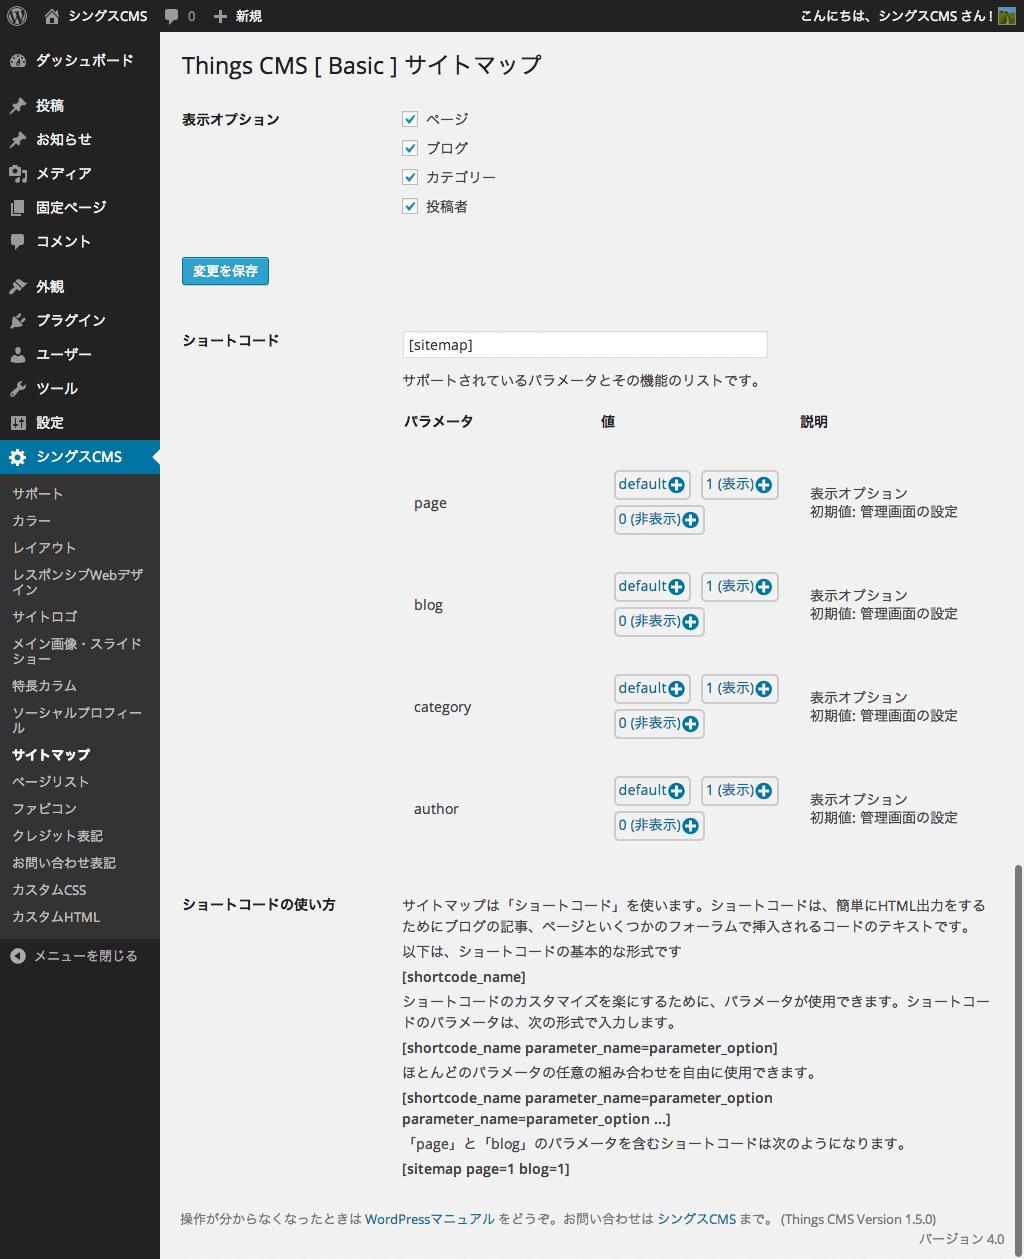 screenshot-thingscms-sitemap-fs8